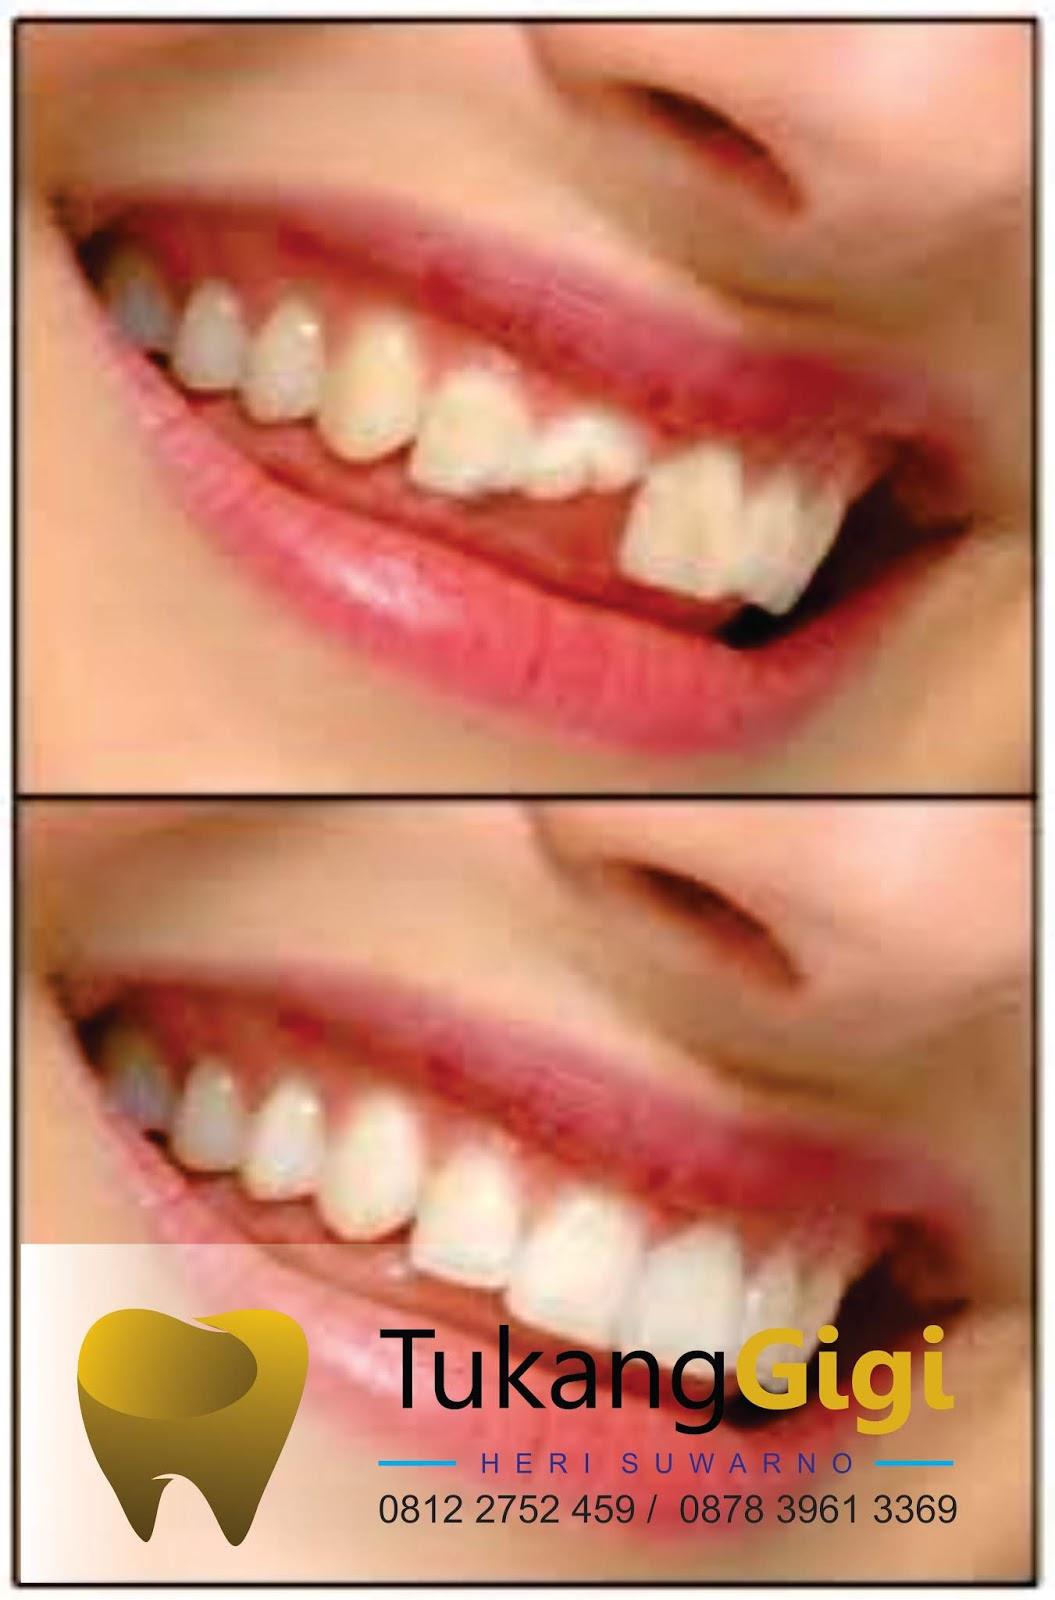 Faktor internal adalah penyebab pertama dari timbulnya gigi patah karena  berkurangnya kalsium dalam enamel dan matriks gigi yang dapat mengakibatkan  gigi ... d3f0971e6c